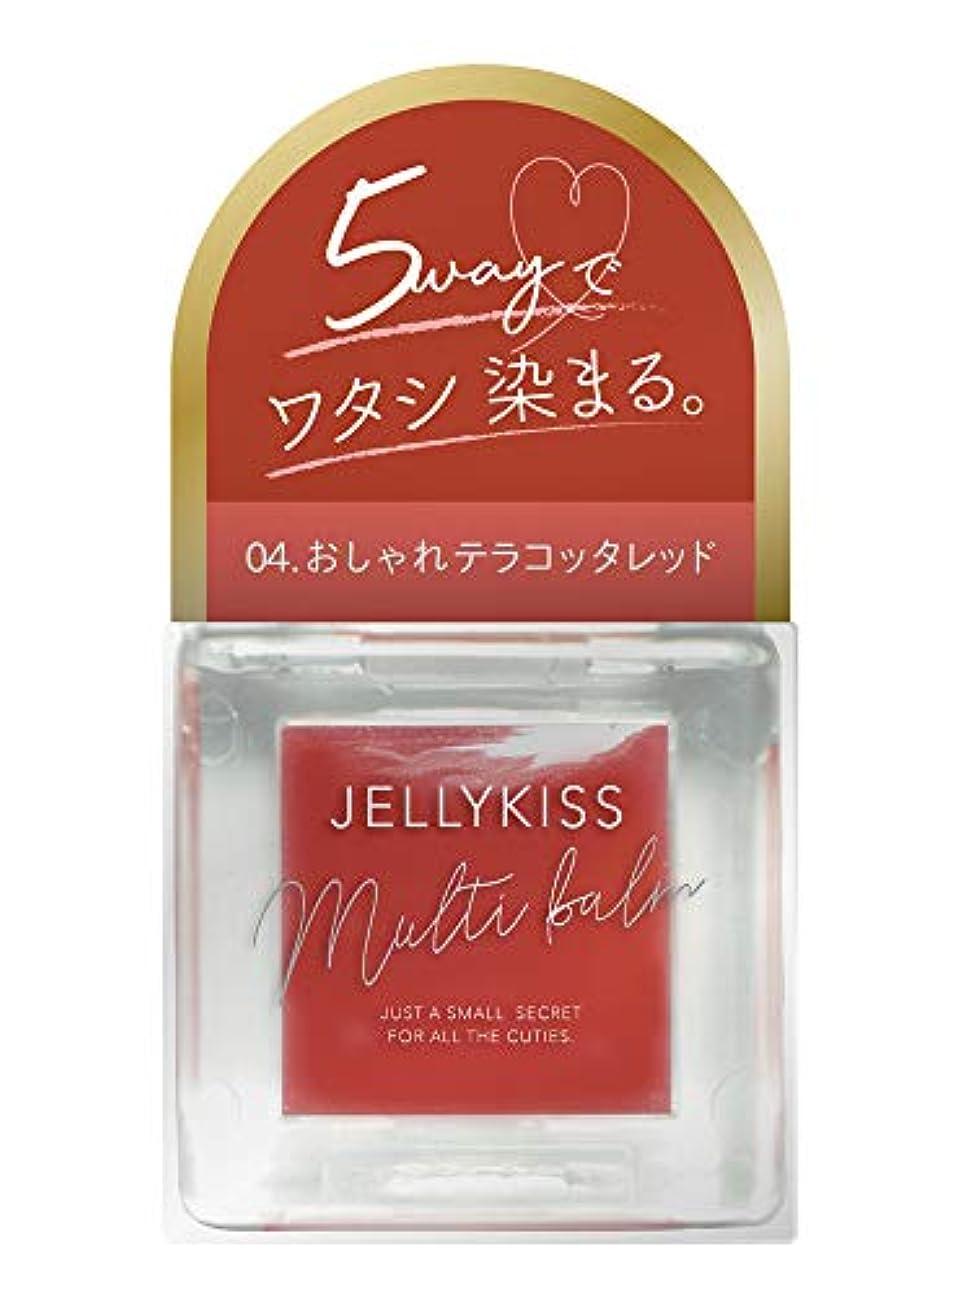 仲介者磁石相対性理論Jelly kiss(ジュリキス) ジェリキス マルチバーム 04 テラコッタレッド 口紅 7g